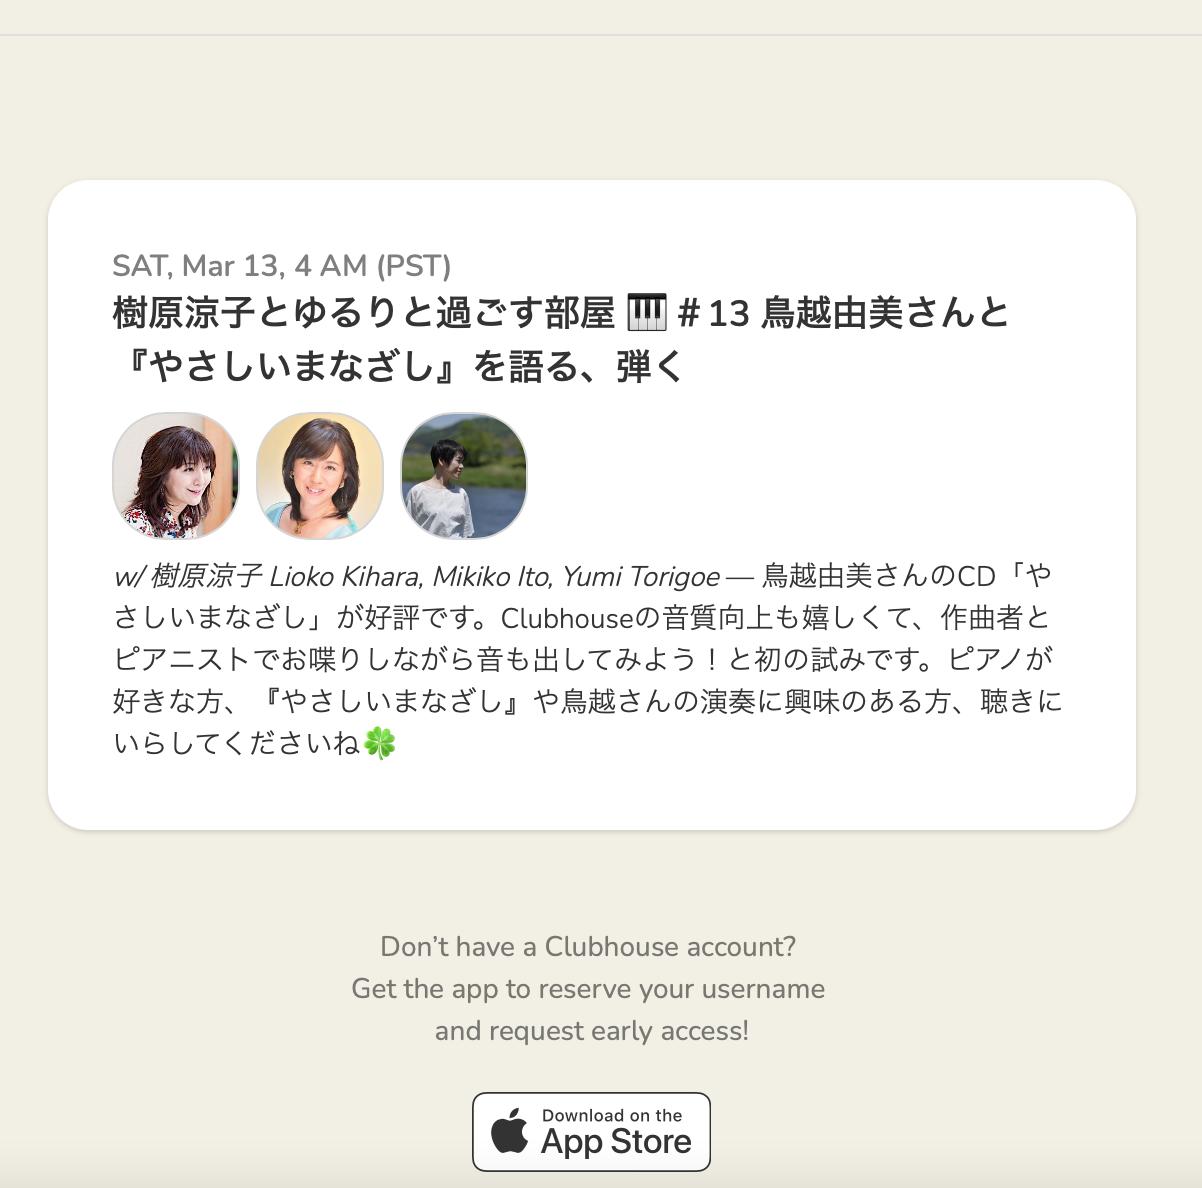 Clubhouse 樹原涼子とゆるりと過ごす部屋 🎹#13 鳥越由美さんと『やさしいまなざし』を語る、弾く